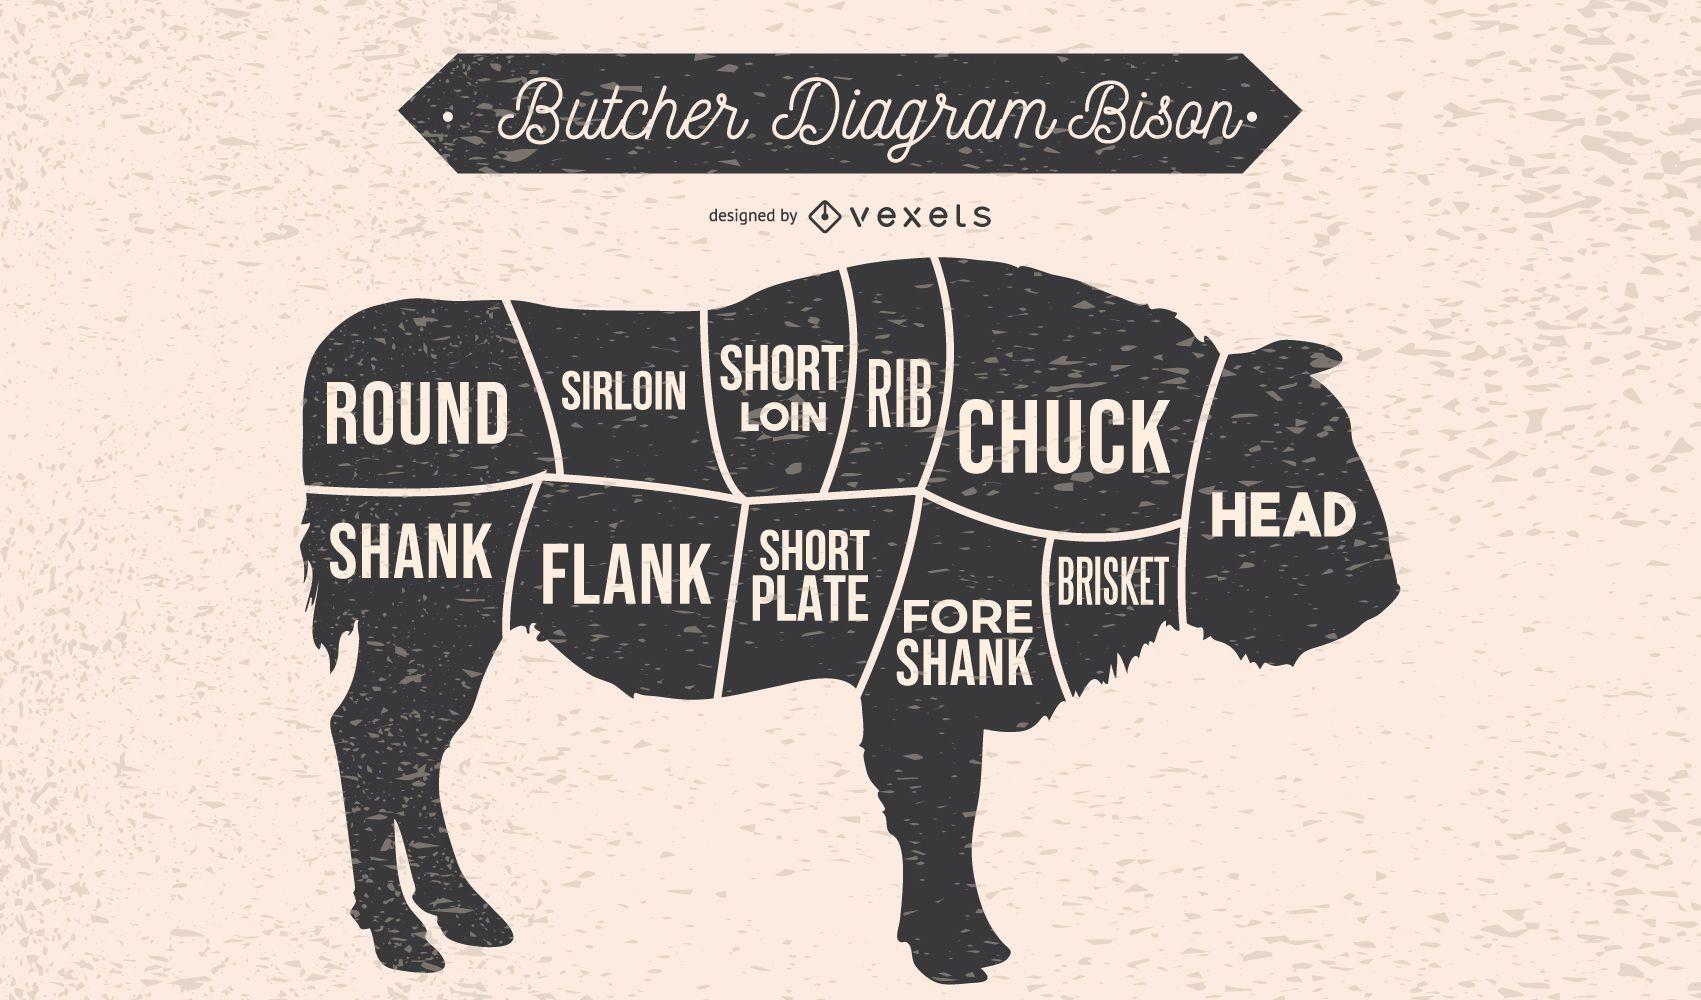 Butcher Diagram Bison Illustration